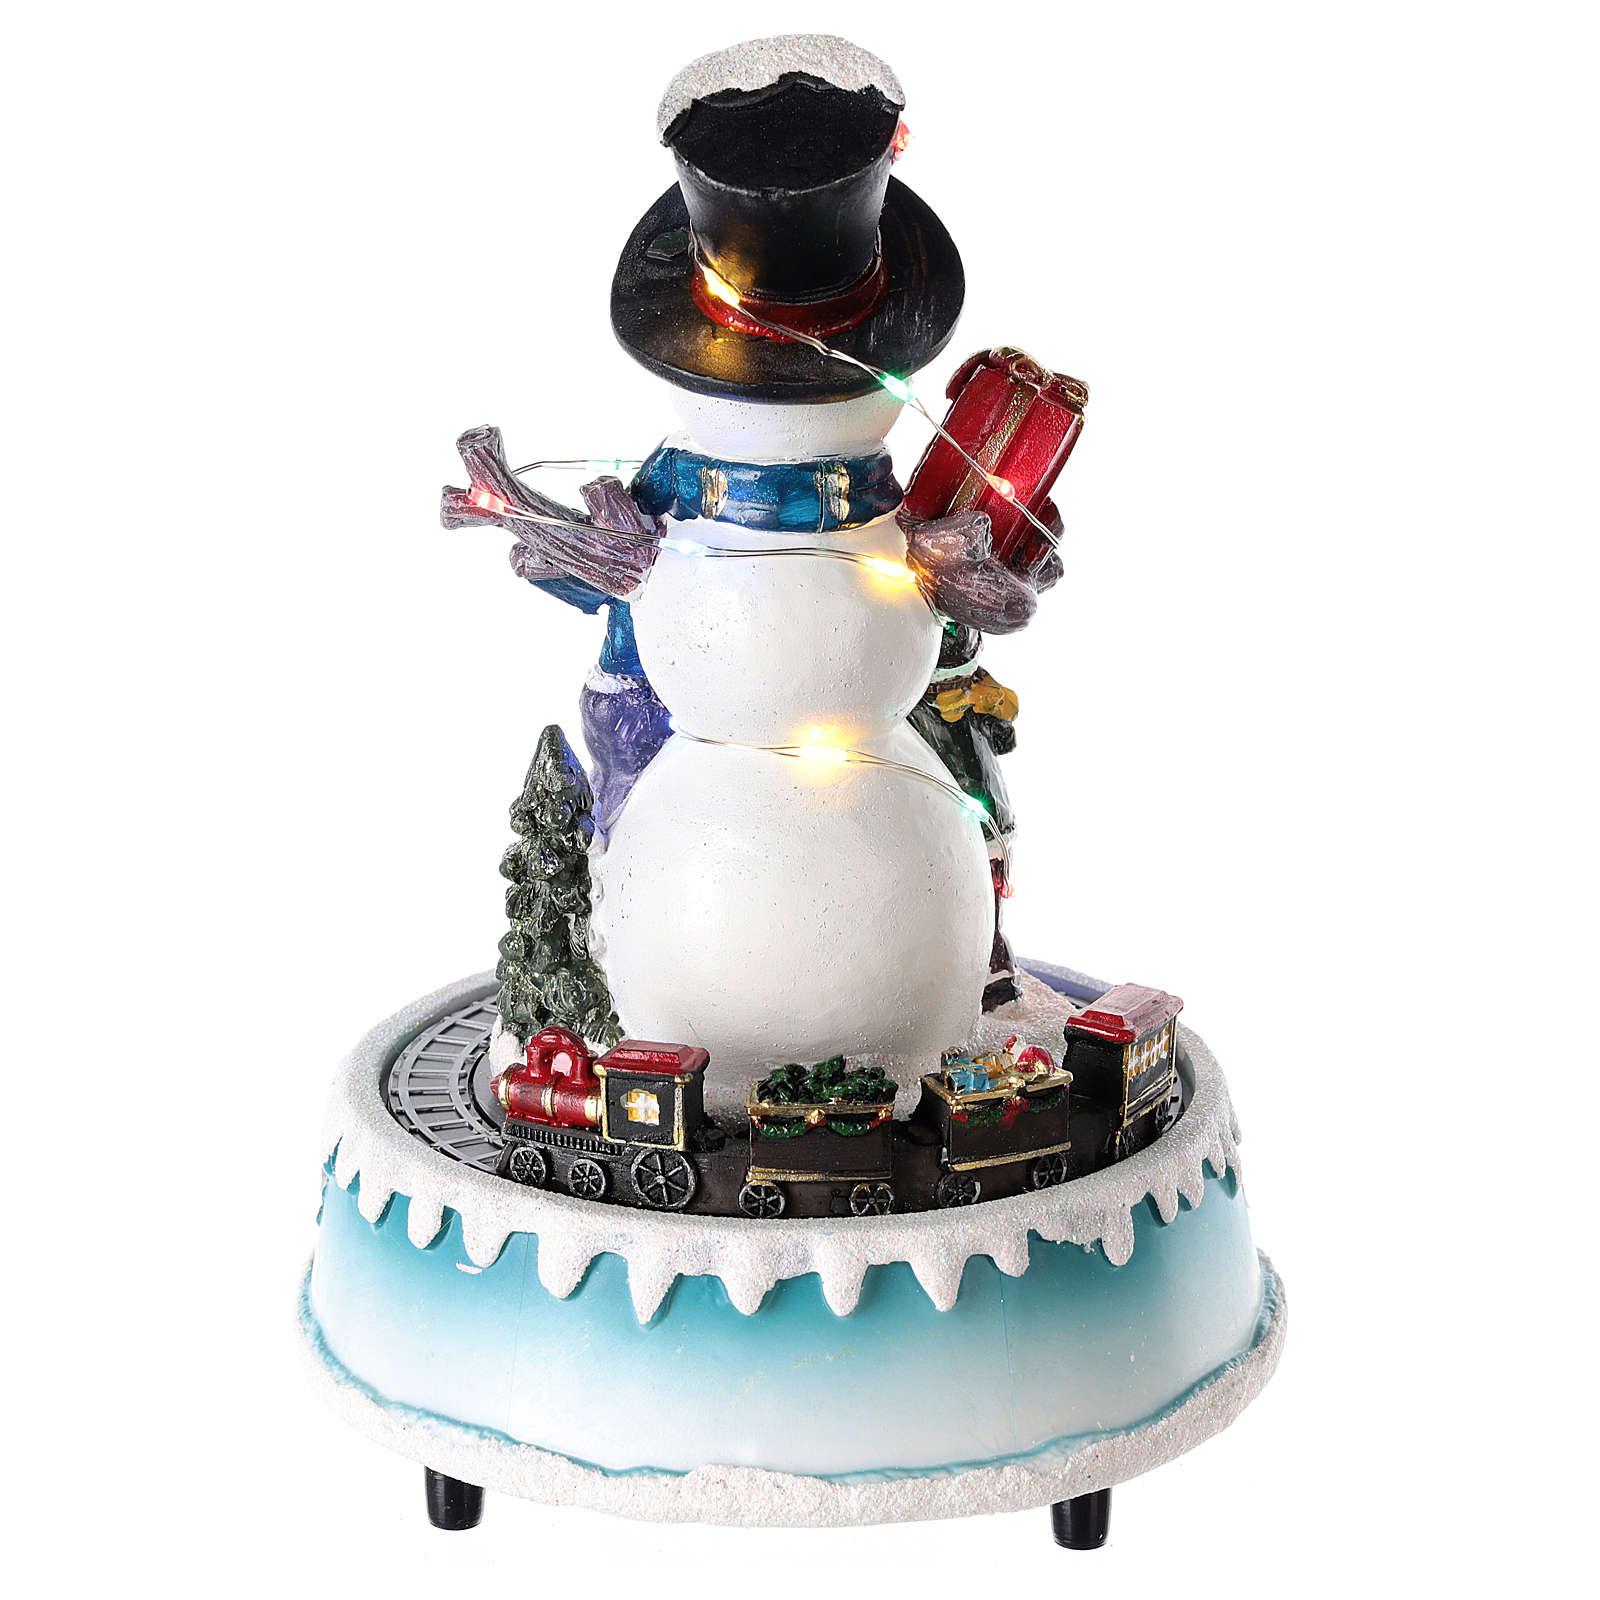 Muñeco de nieve con dones 15x20 cm 3